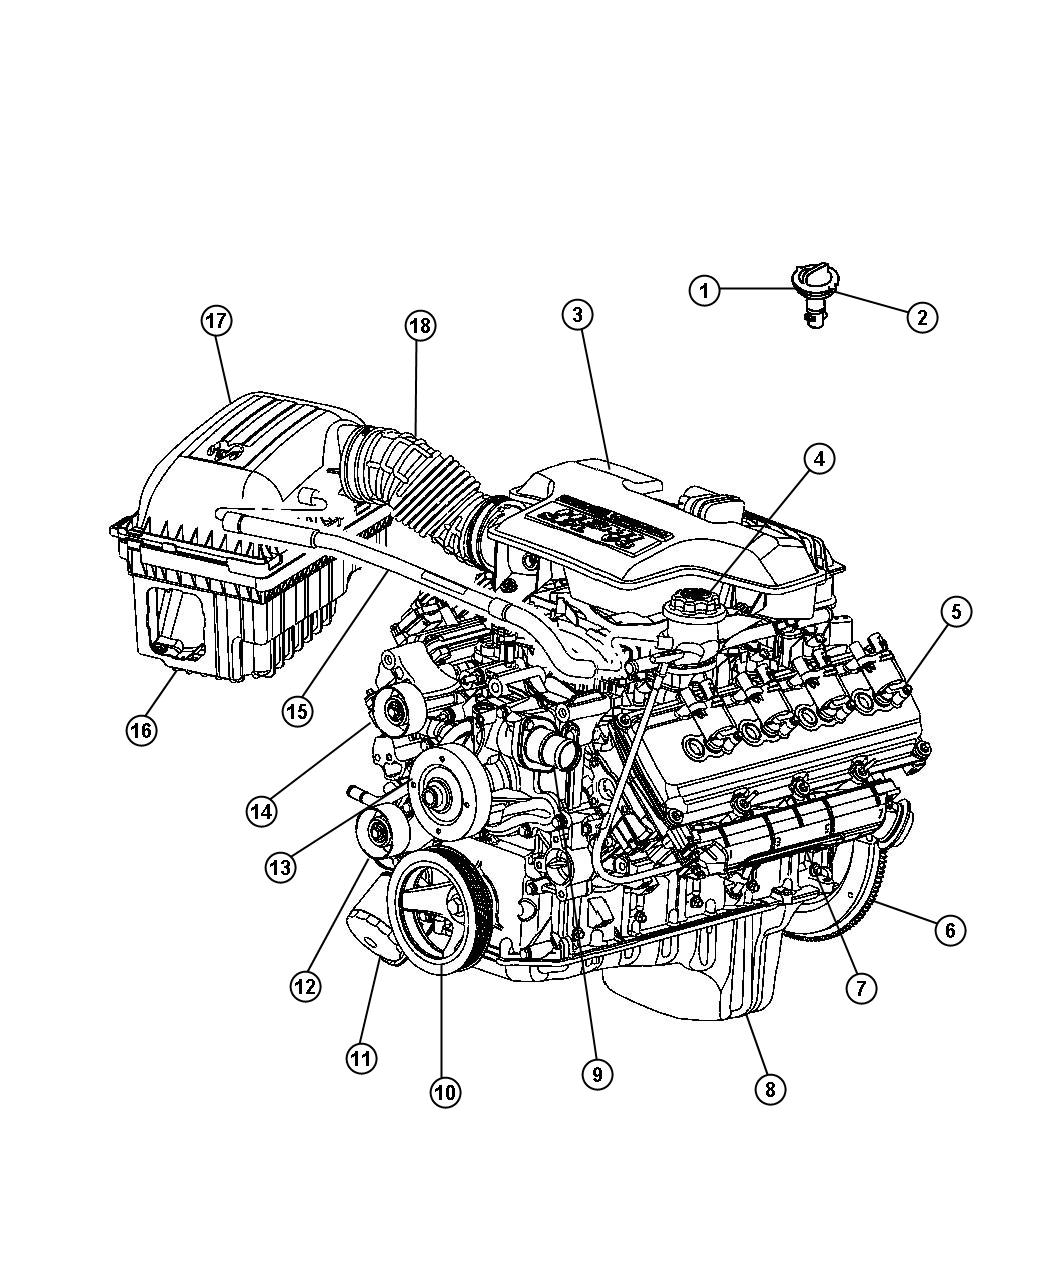 Chrysler Sebring Pulley Idler Engine Alternator